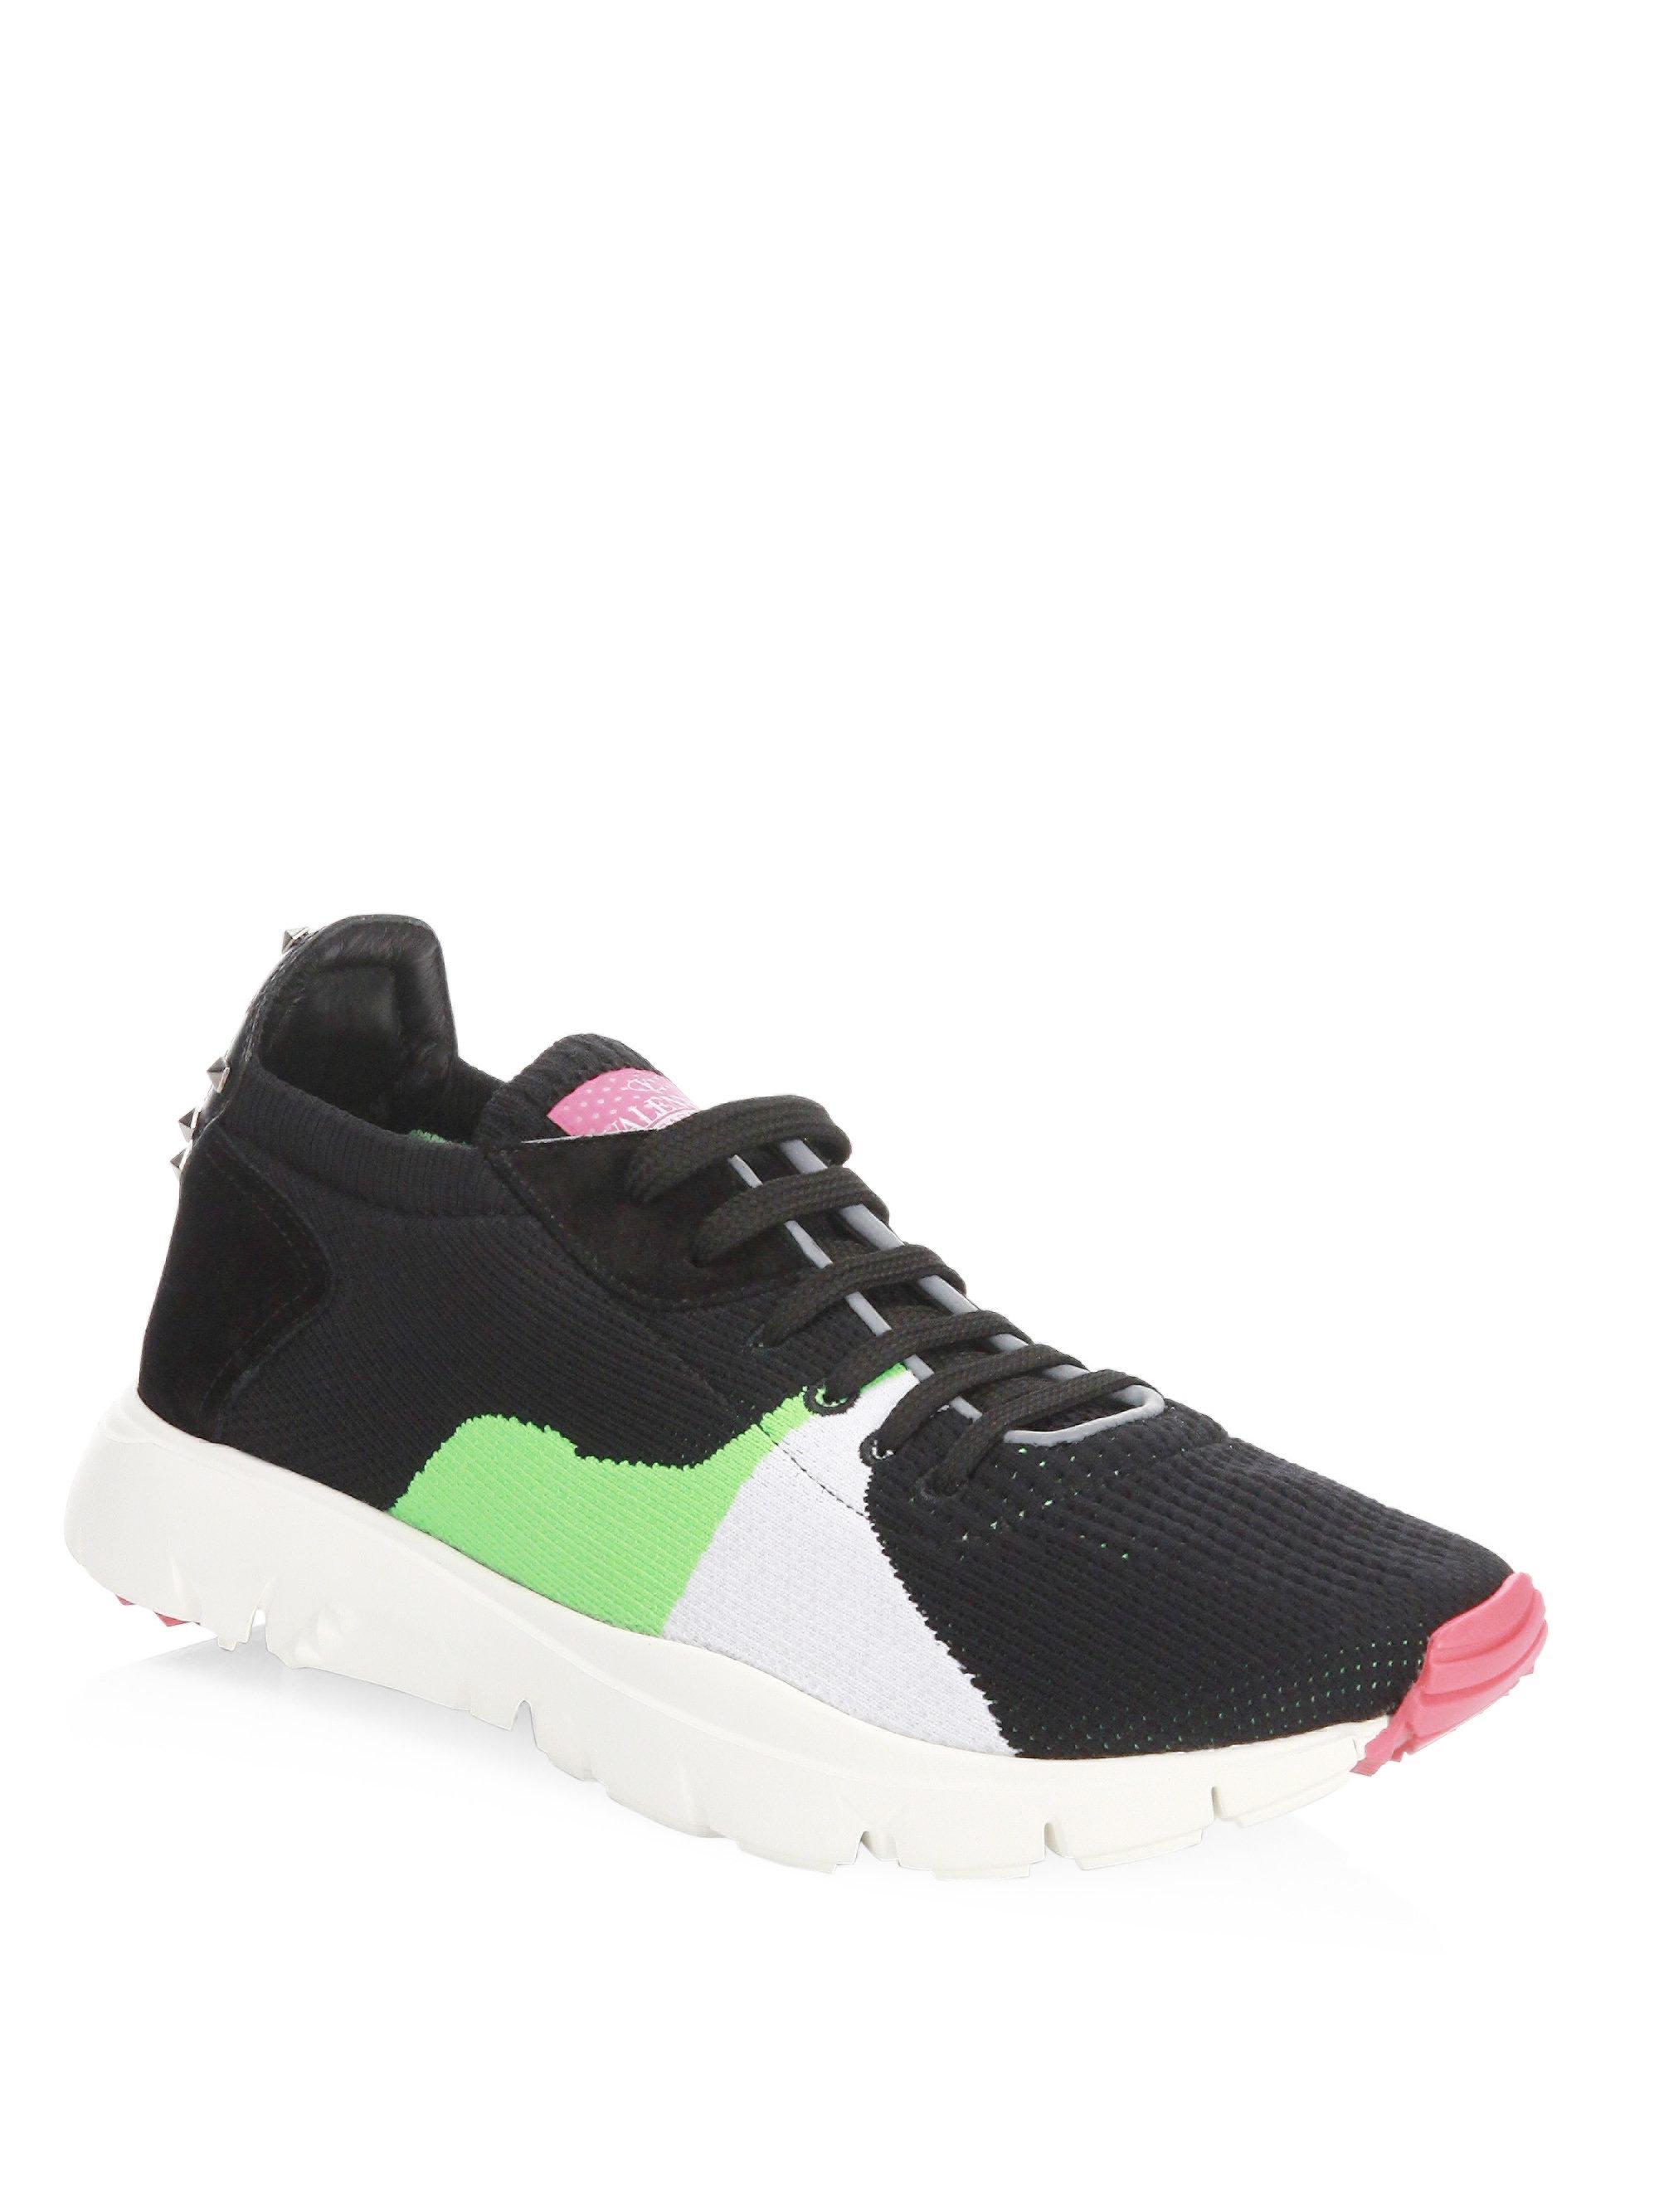 ValentinoKnit Low Sneakers eEtdXd